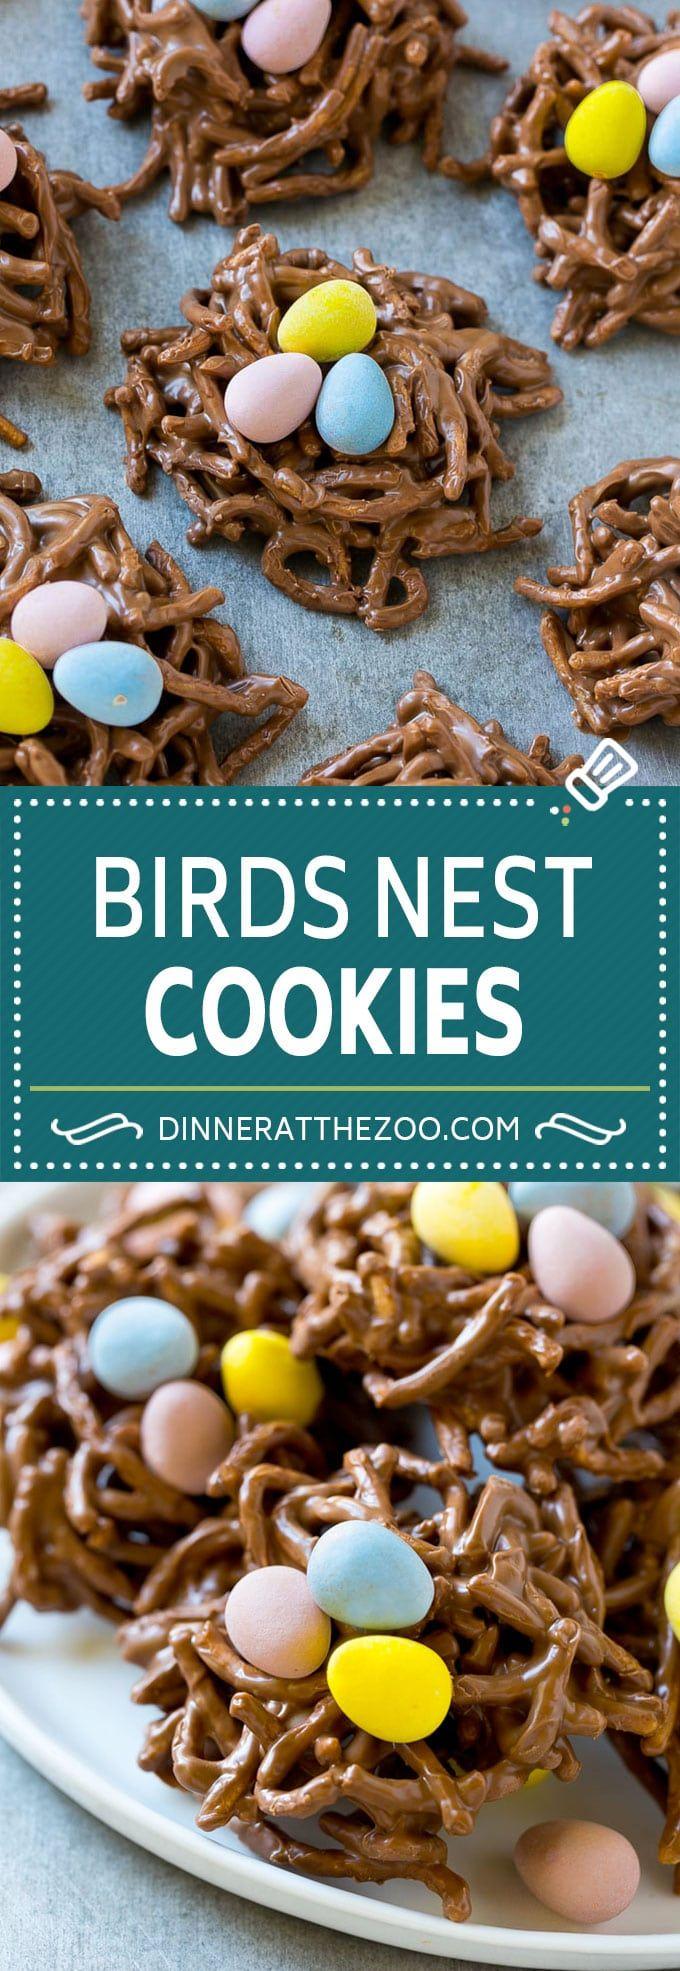 Birds Nest Cookies | Chow Mein Noodle Cookies | Easter Cookies | No Bake Cookies